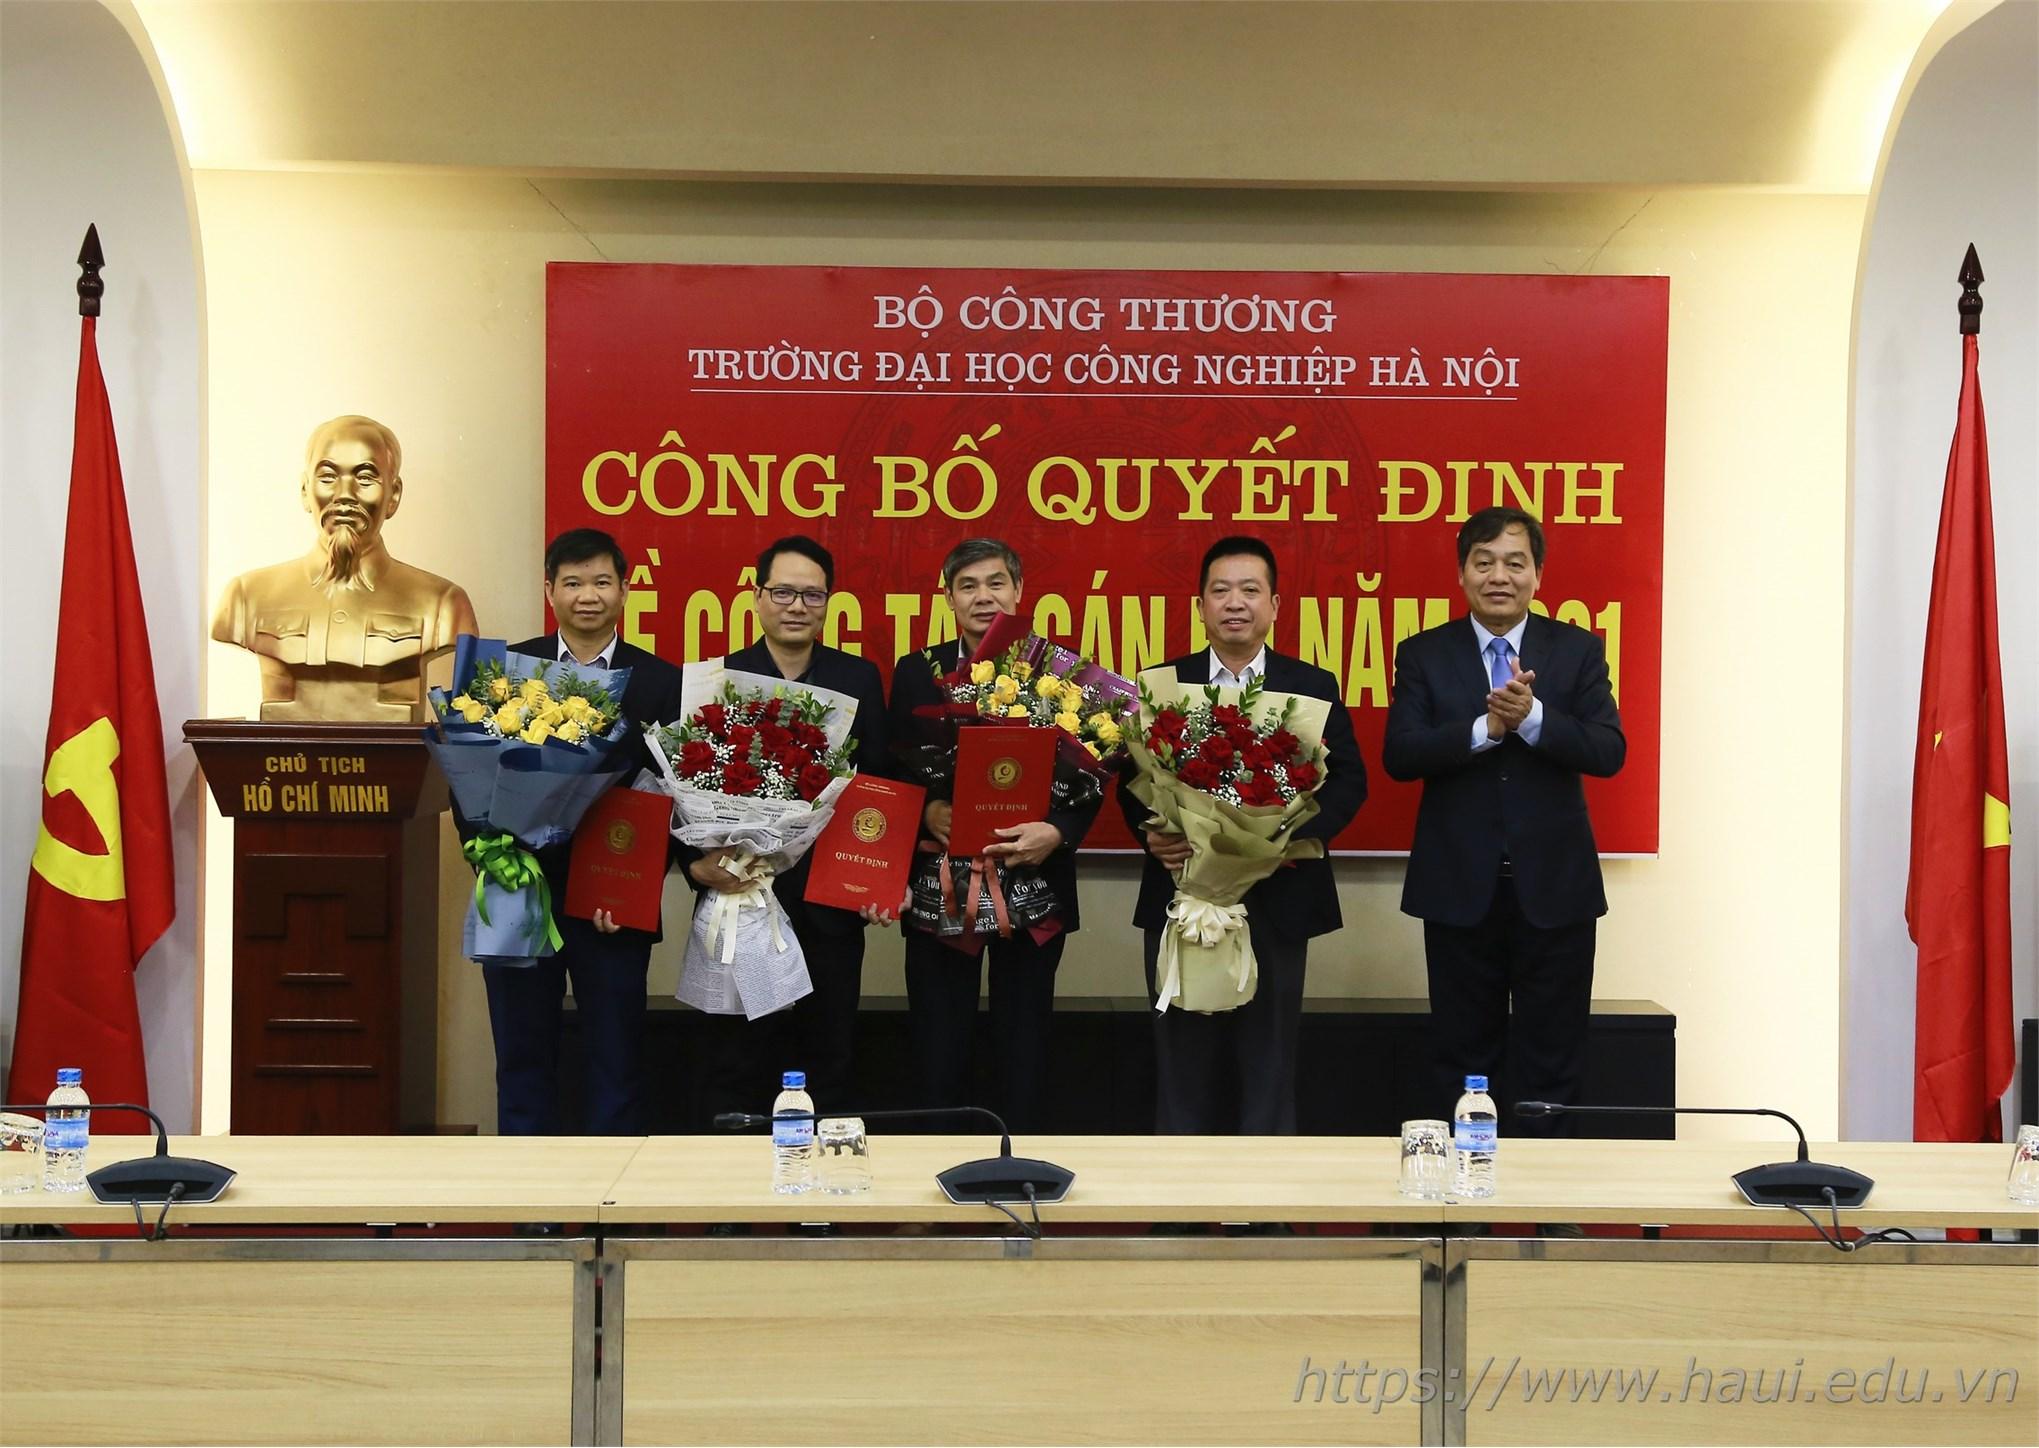 Đại học Công nghiệp Hà Nội công bố quyết định về công tác cán bộ